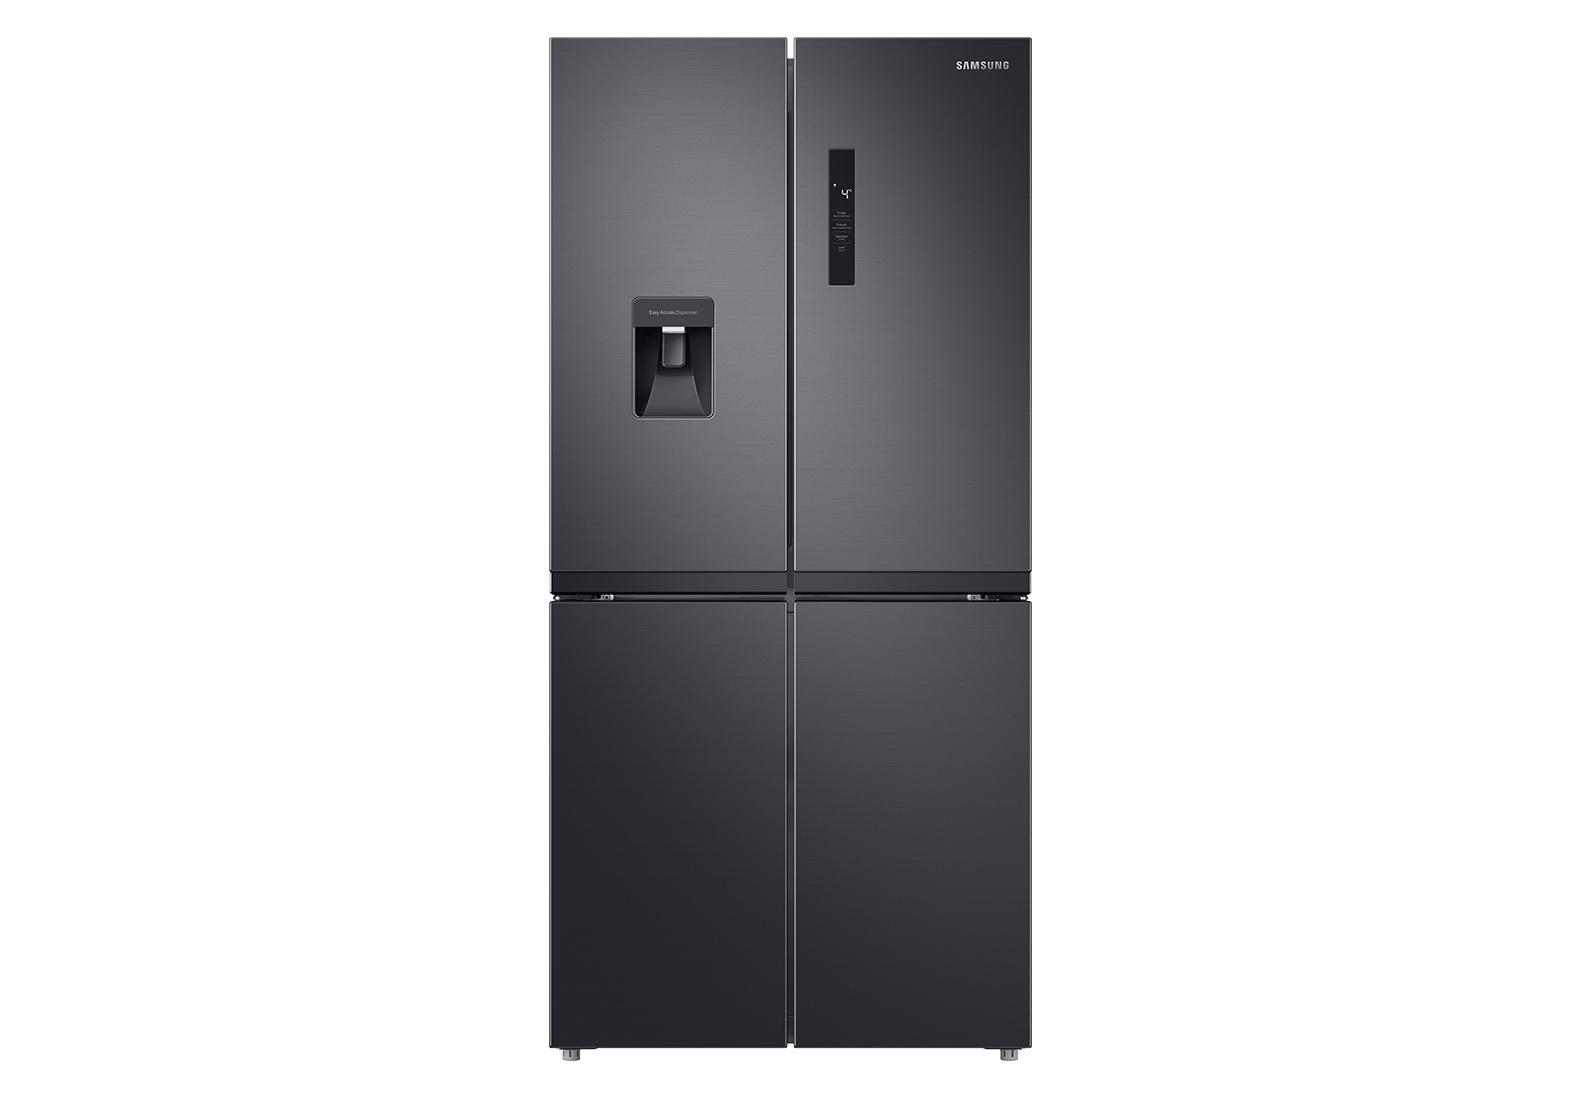 Bình chọn tủ lạnh nhiều cánh giá tốt - 3